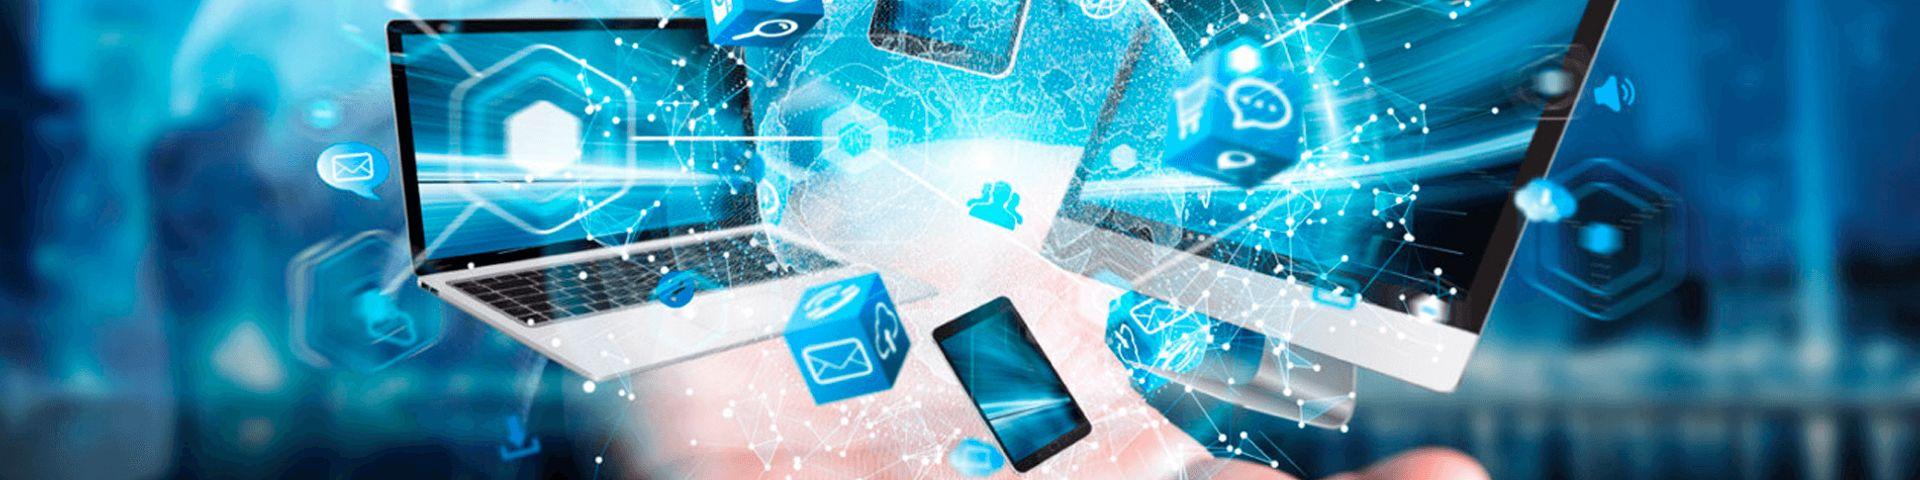 Fundamentos en tecnologías de la información y comunicación.